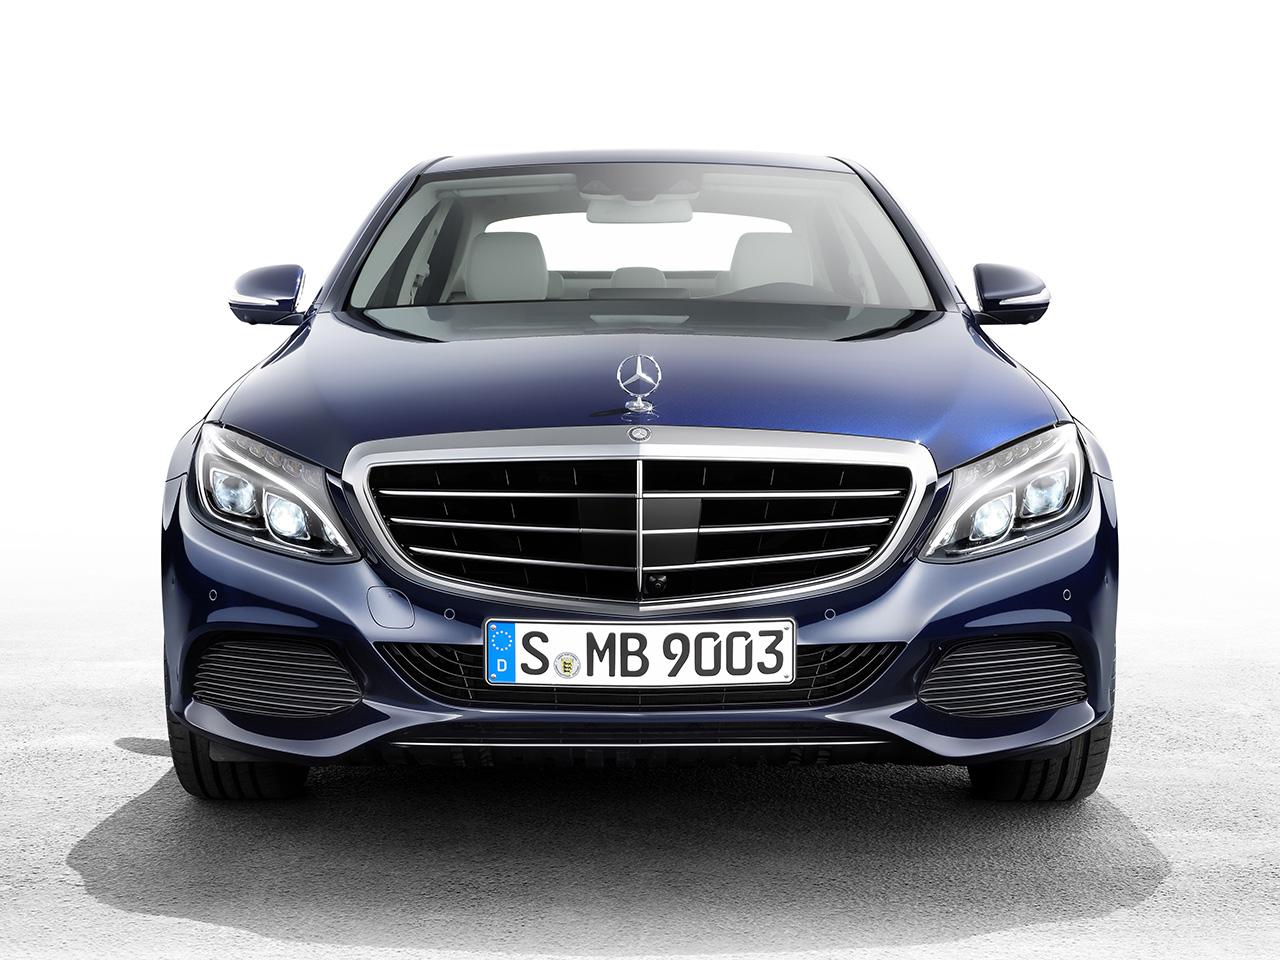 Mercedes benz c 300 bluetec hybrid exclusive line for 2015 mercedes benz c300 bluetec hybrid